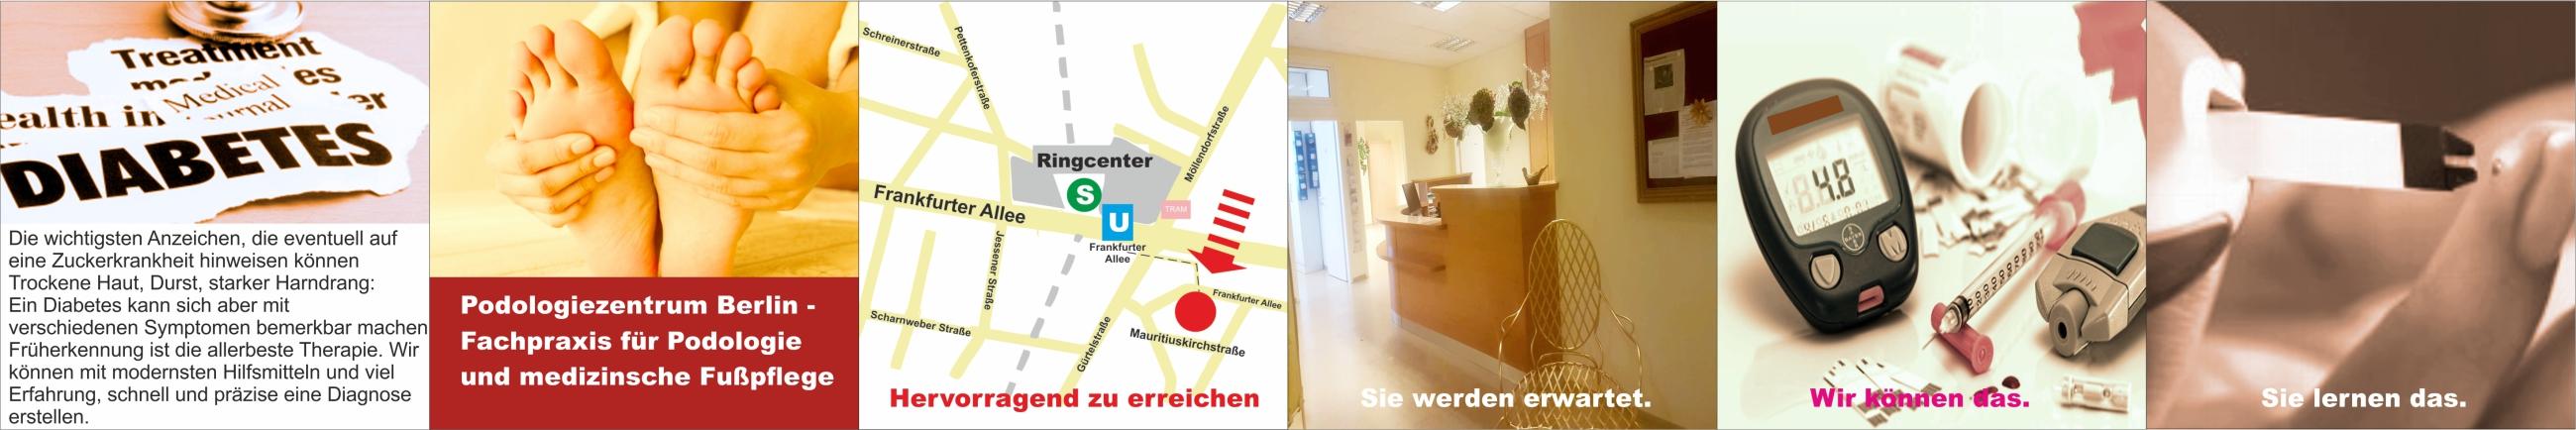 Diabeteszentrum Lichtenberg